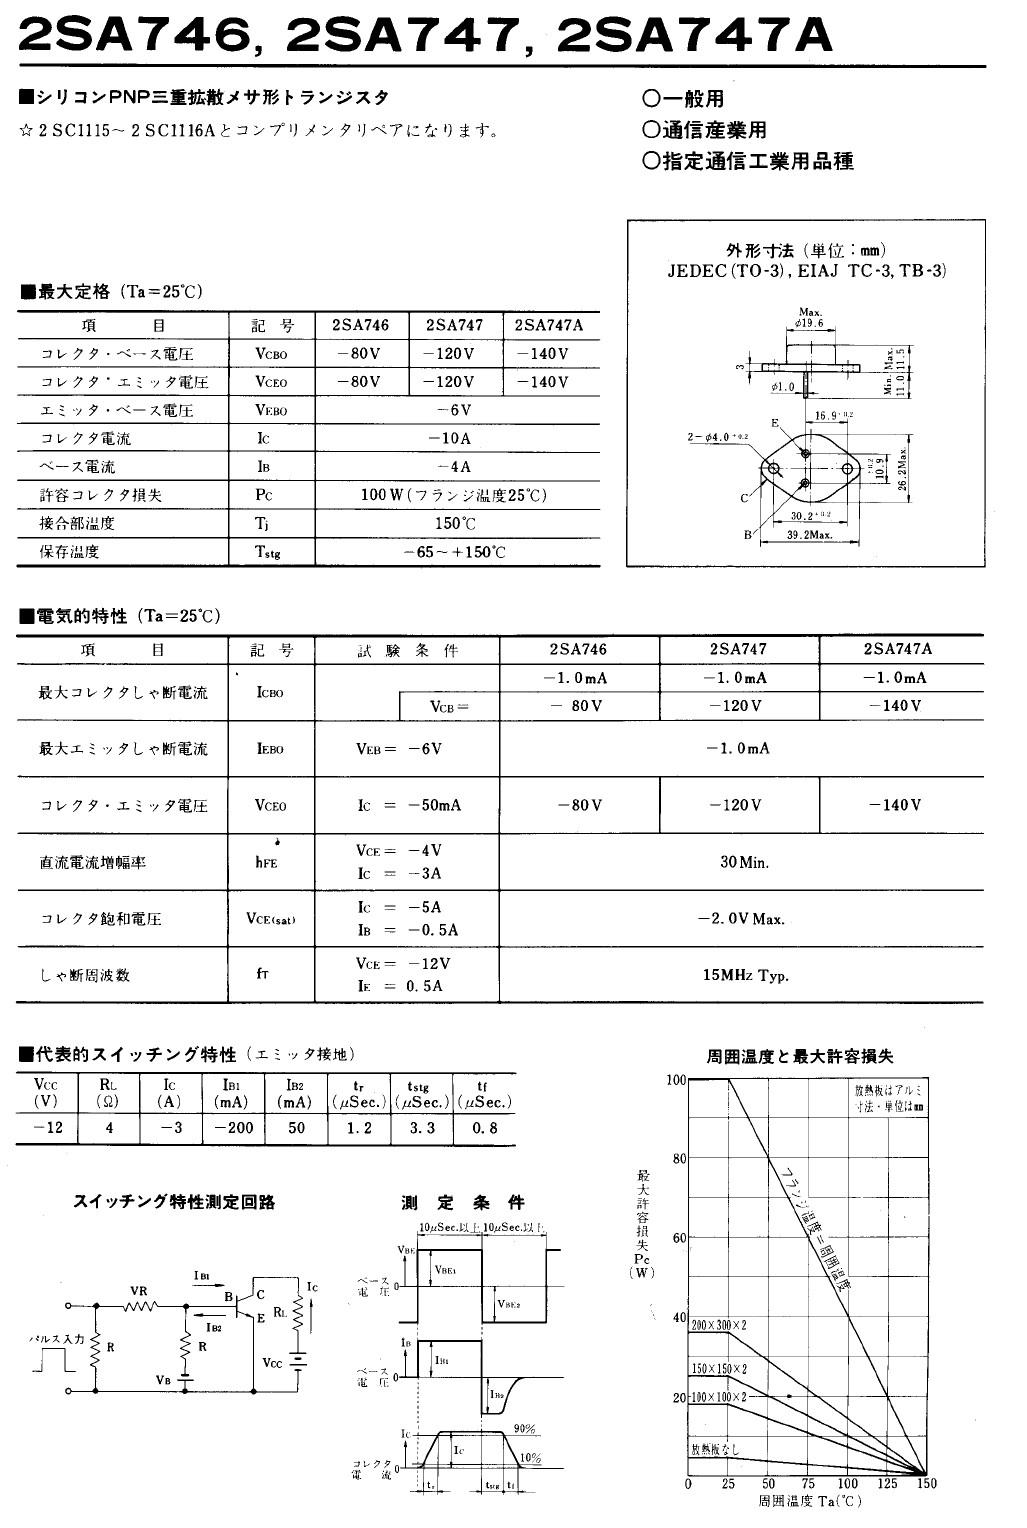 SI-P 120V 10A 100W 15MHz NF/SL 2SA747 -